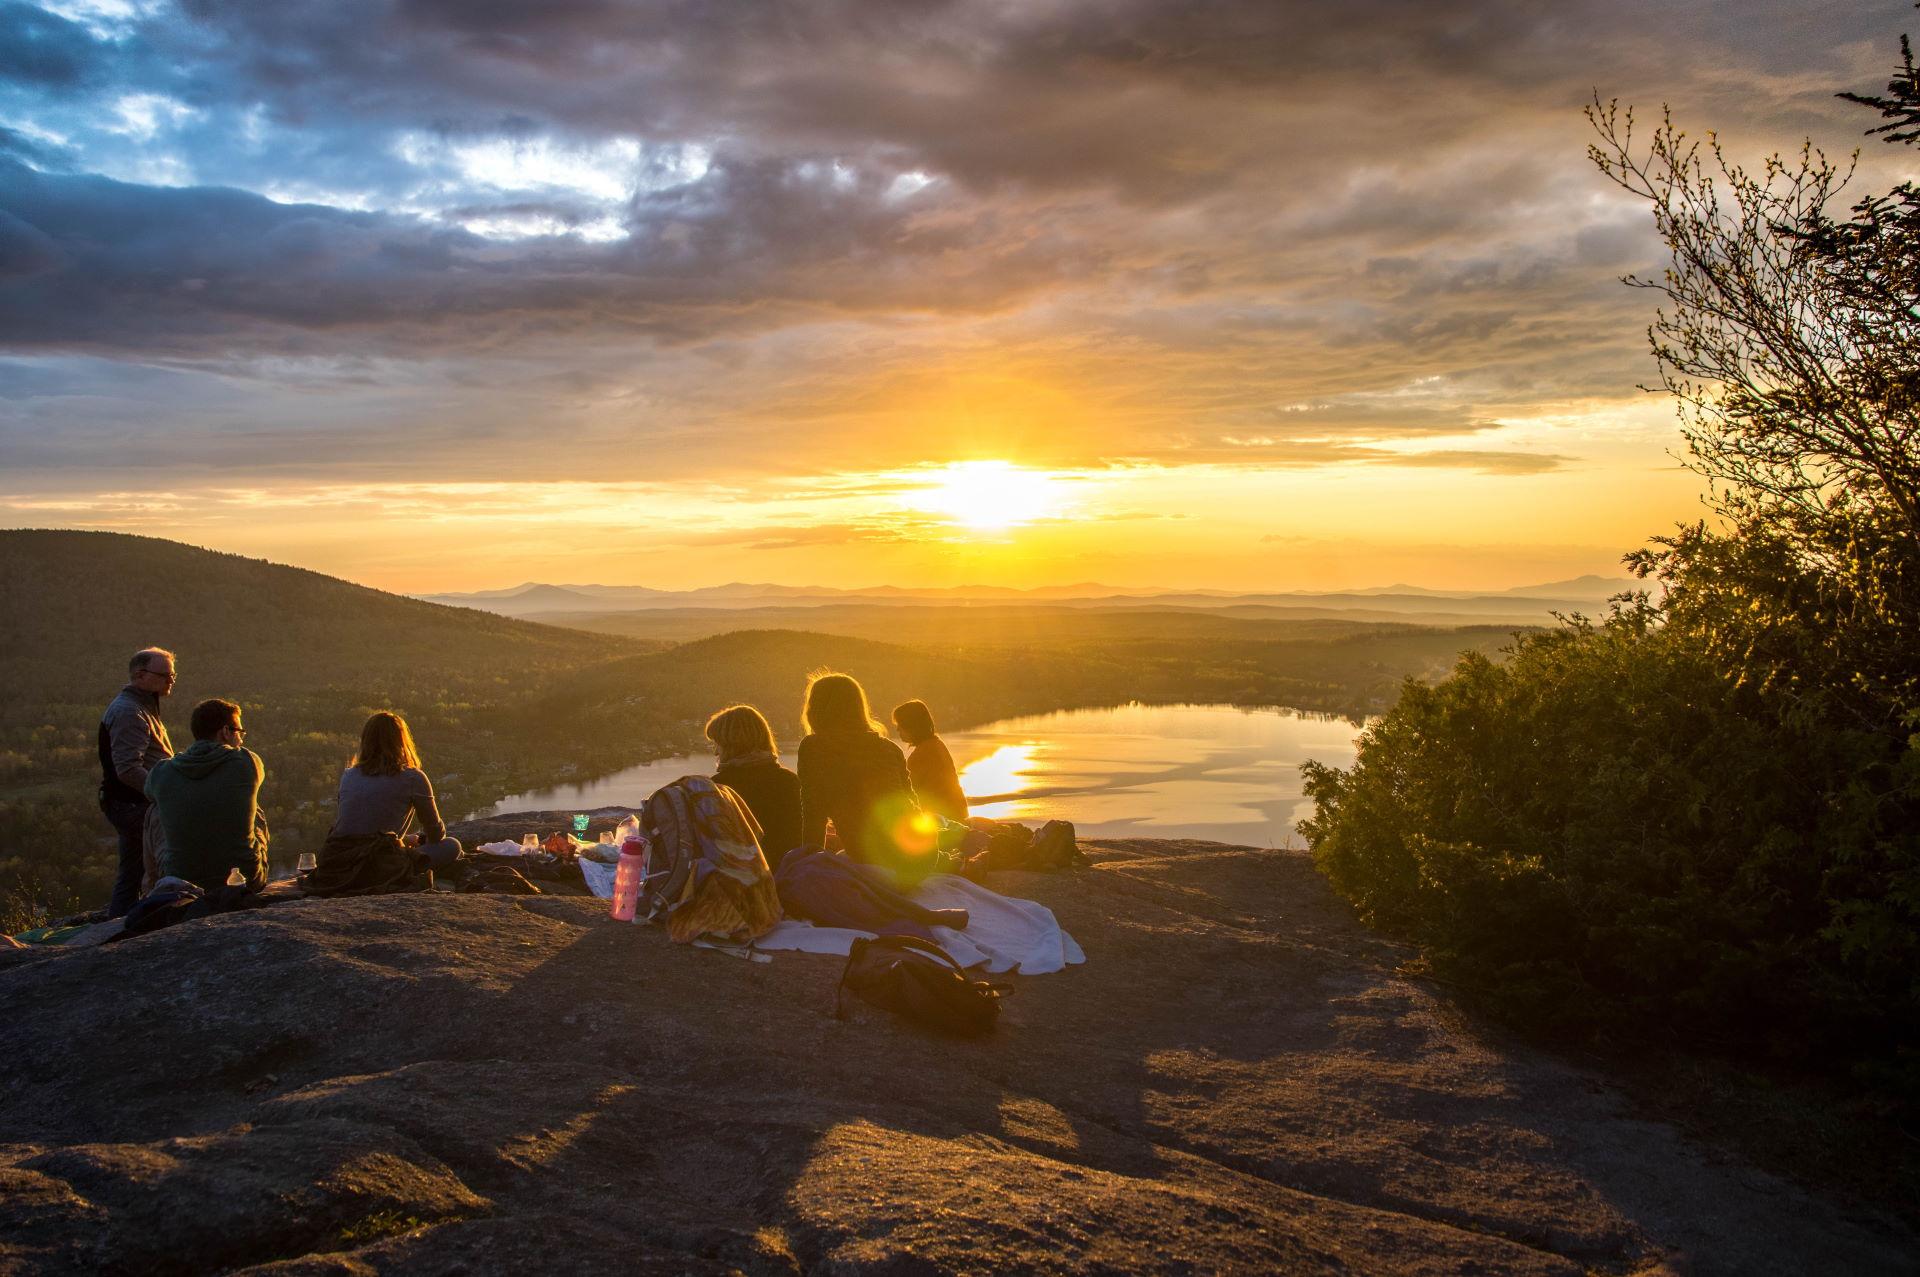 Menschen machen ein Picknick auf einem Berg und schauen auf einen See in den Sonnenuntergang [Camping, Zelten, Outdoor]